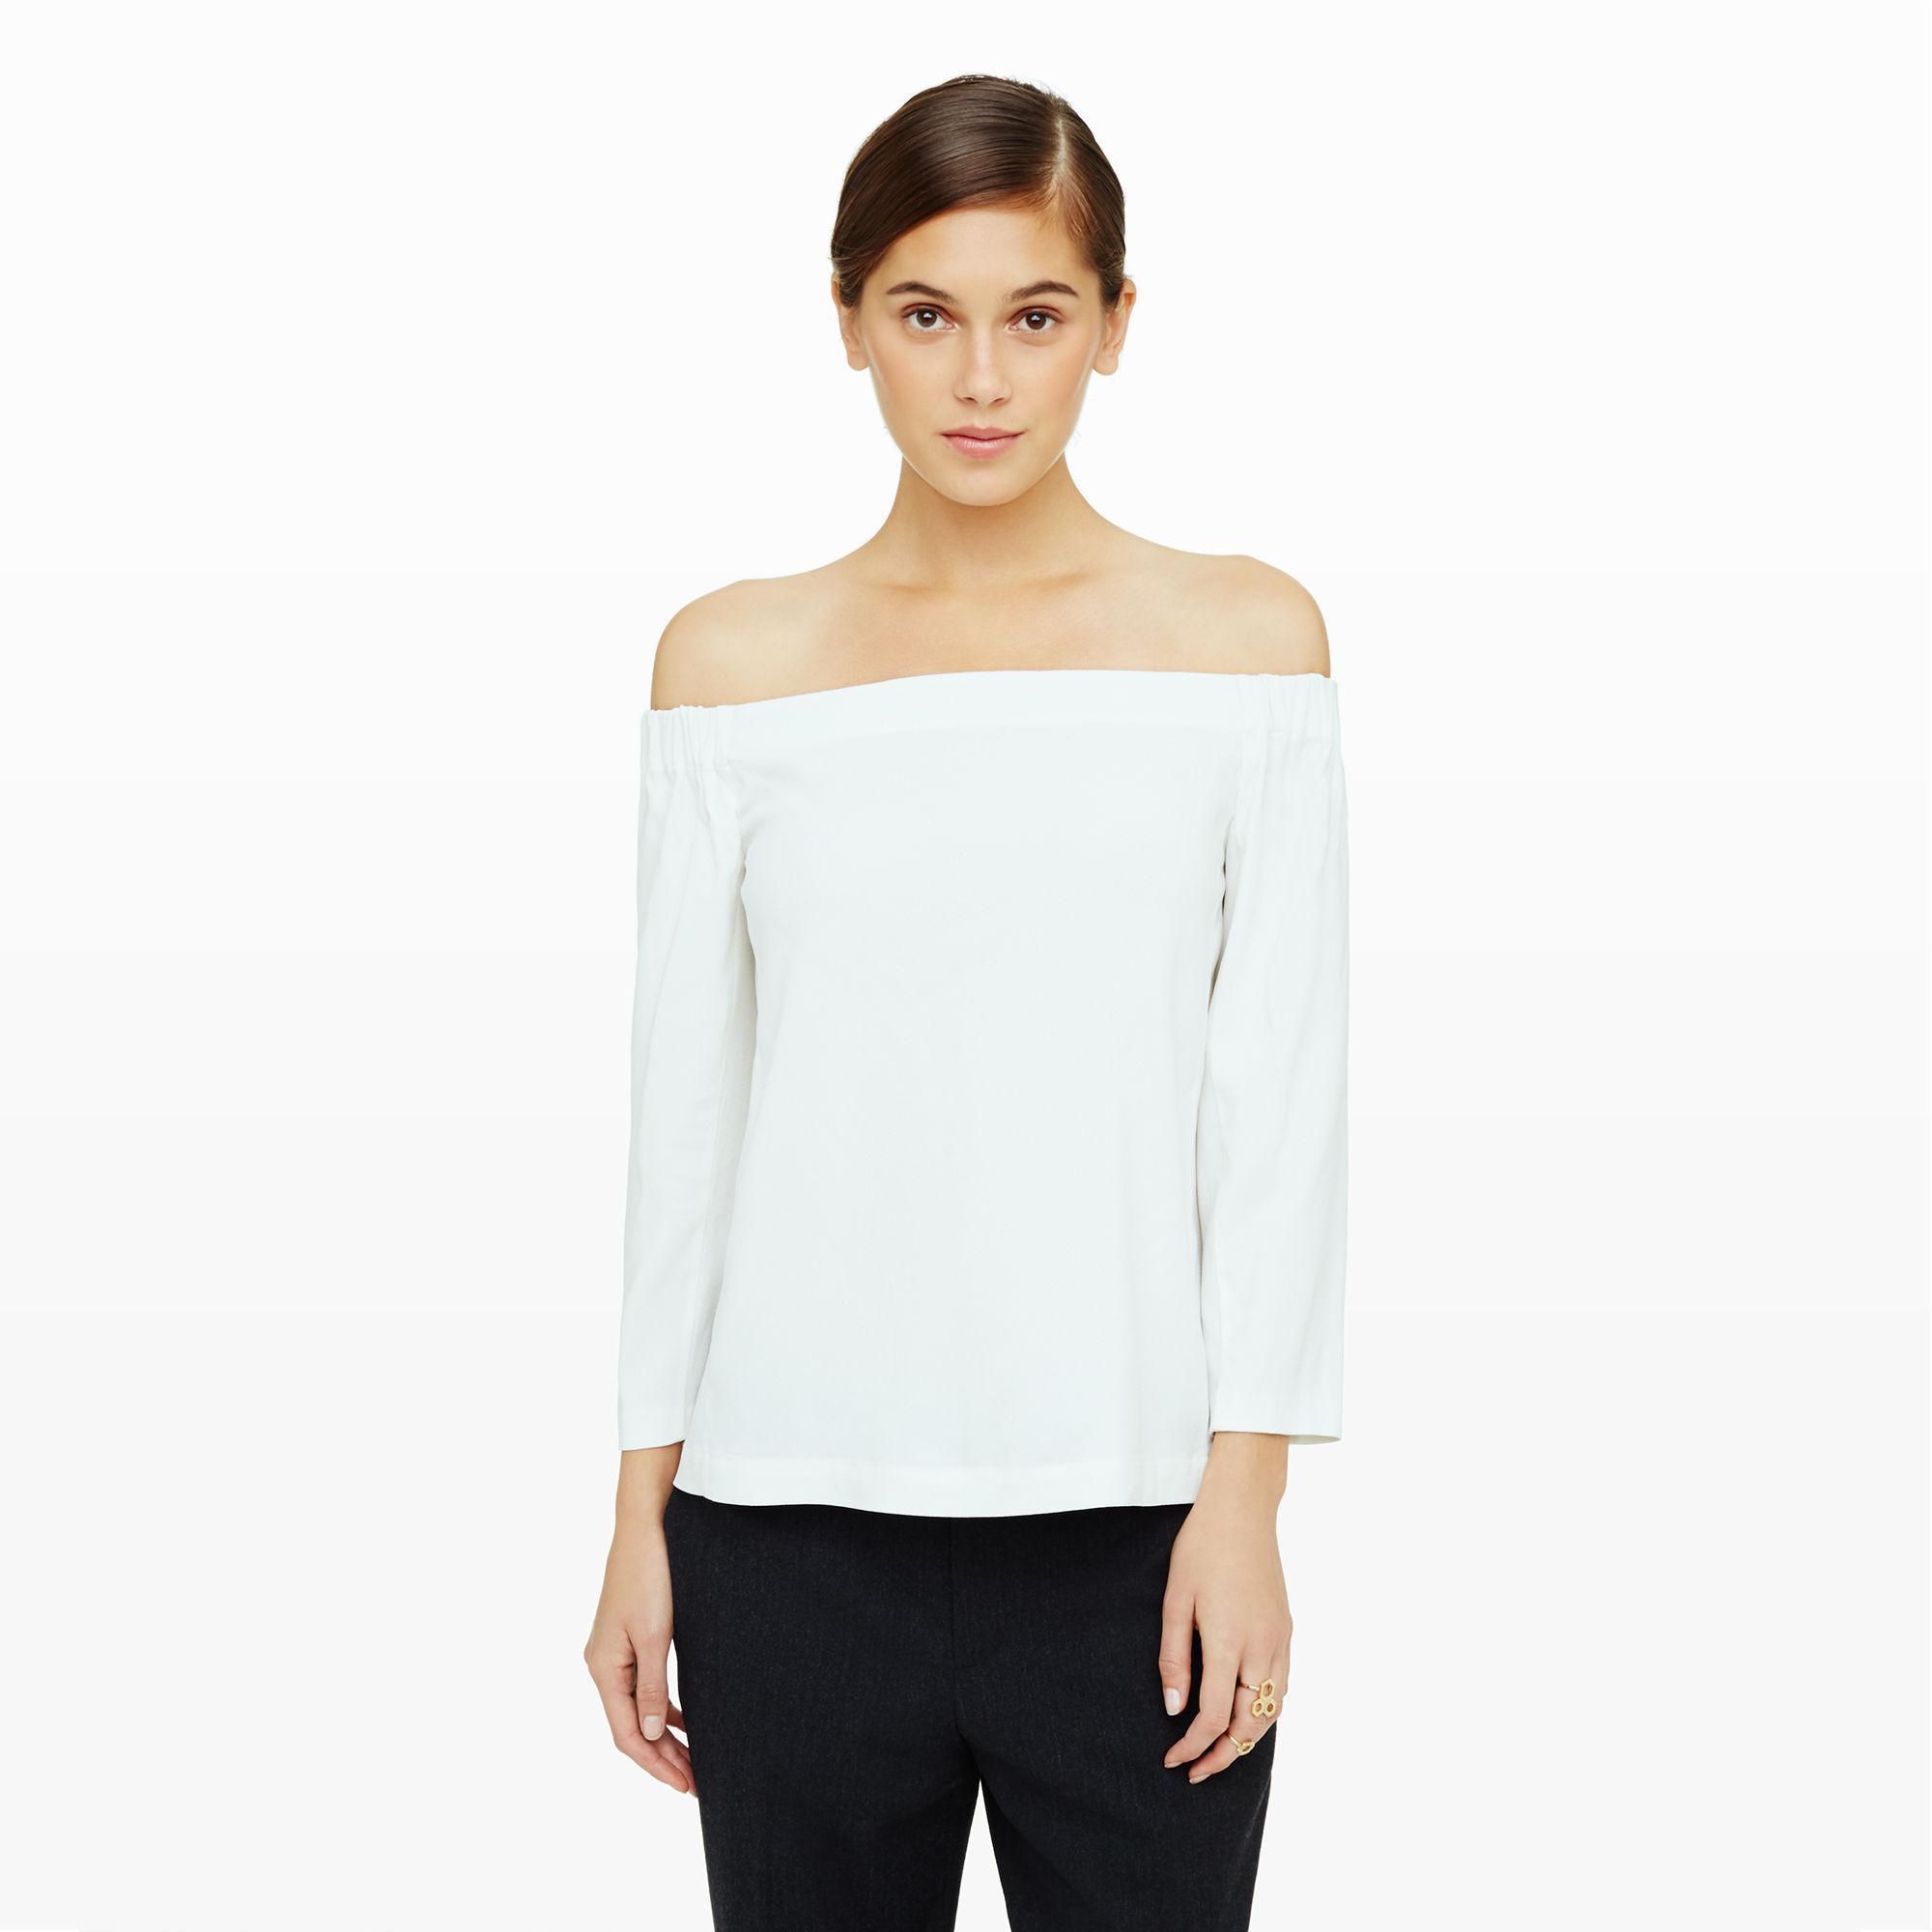 e2a5c0f52578f5 Lyst - Club Monaco Yandel Off-the-shoulder Top in White